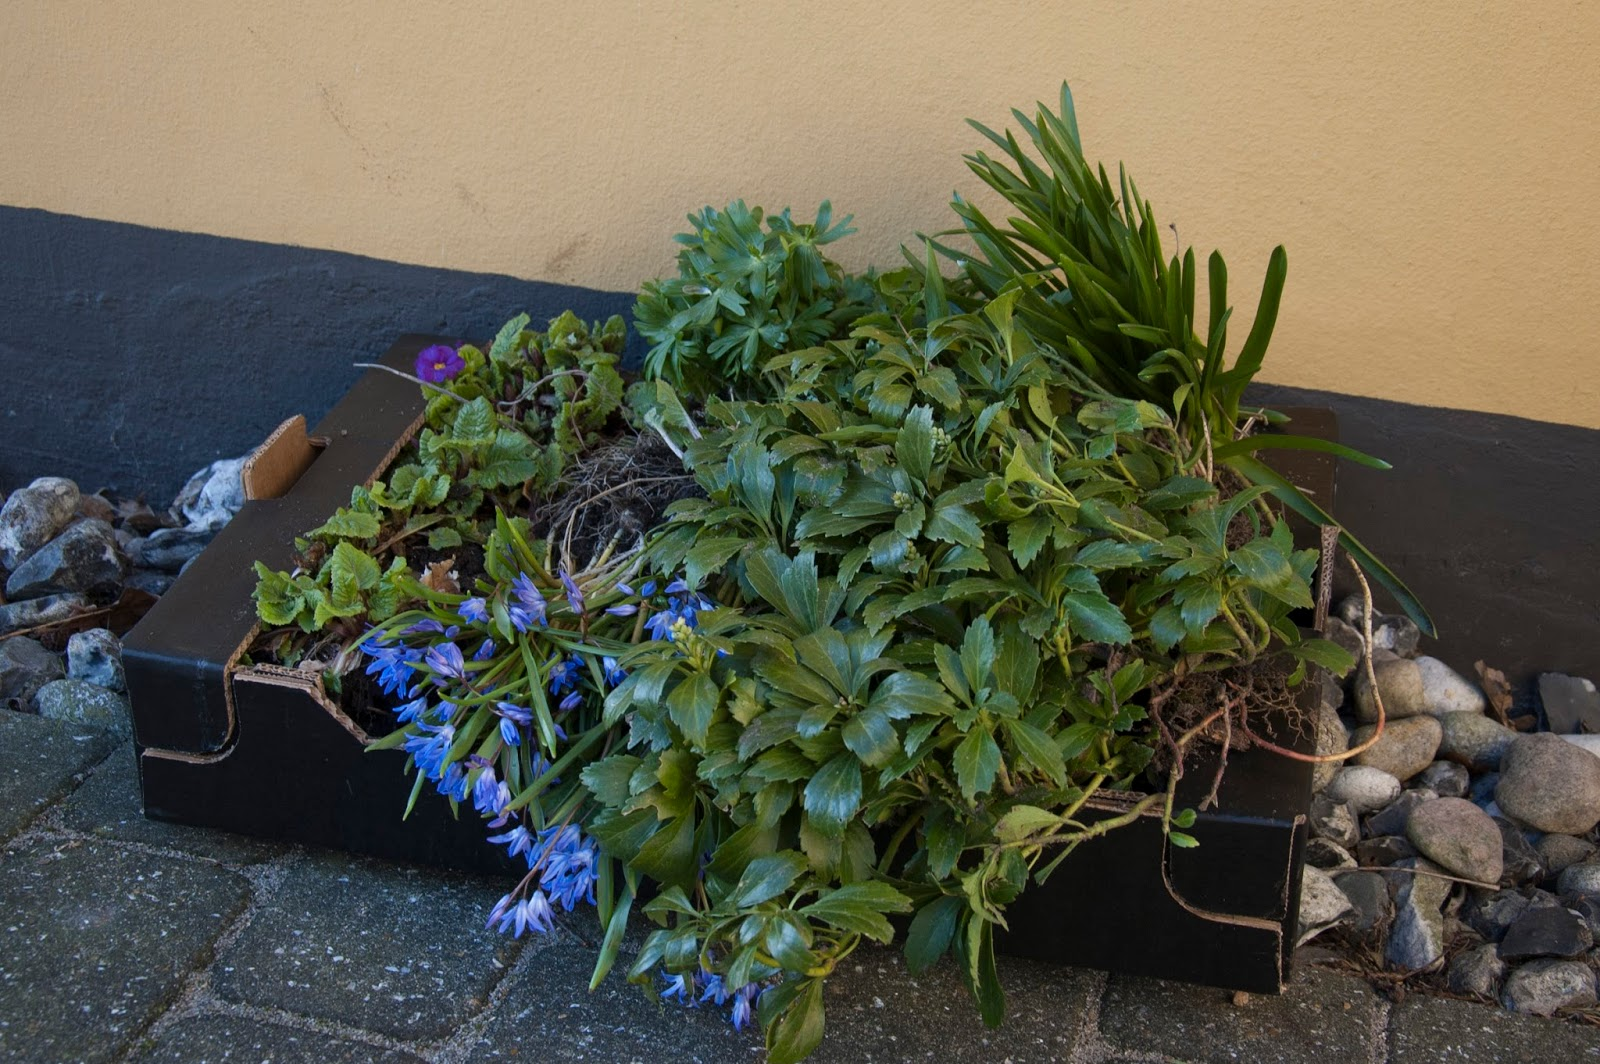 Mit grønne univers: Nye planter og blomster i krukker.